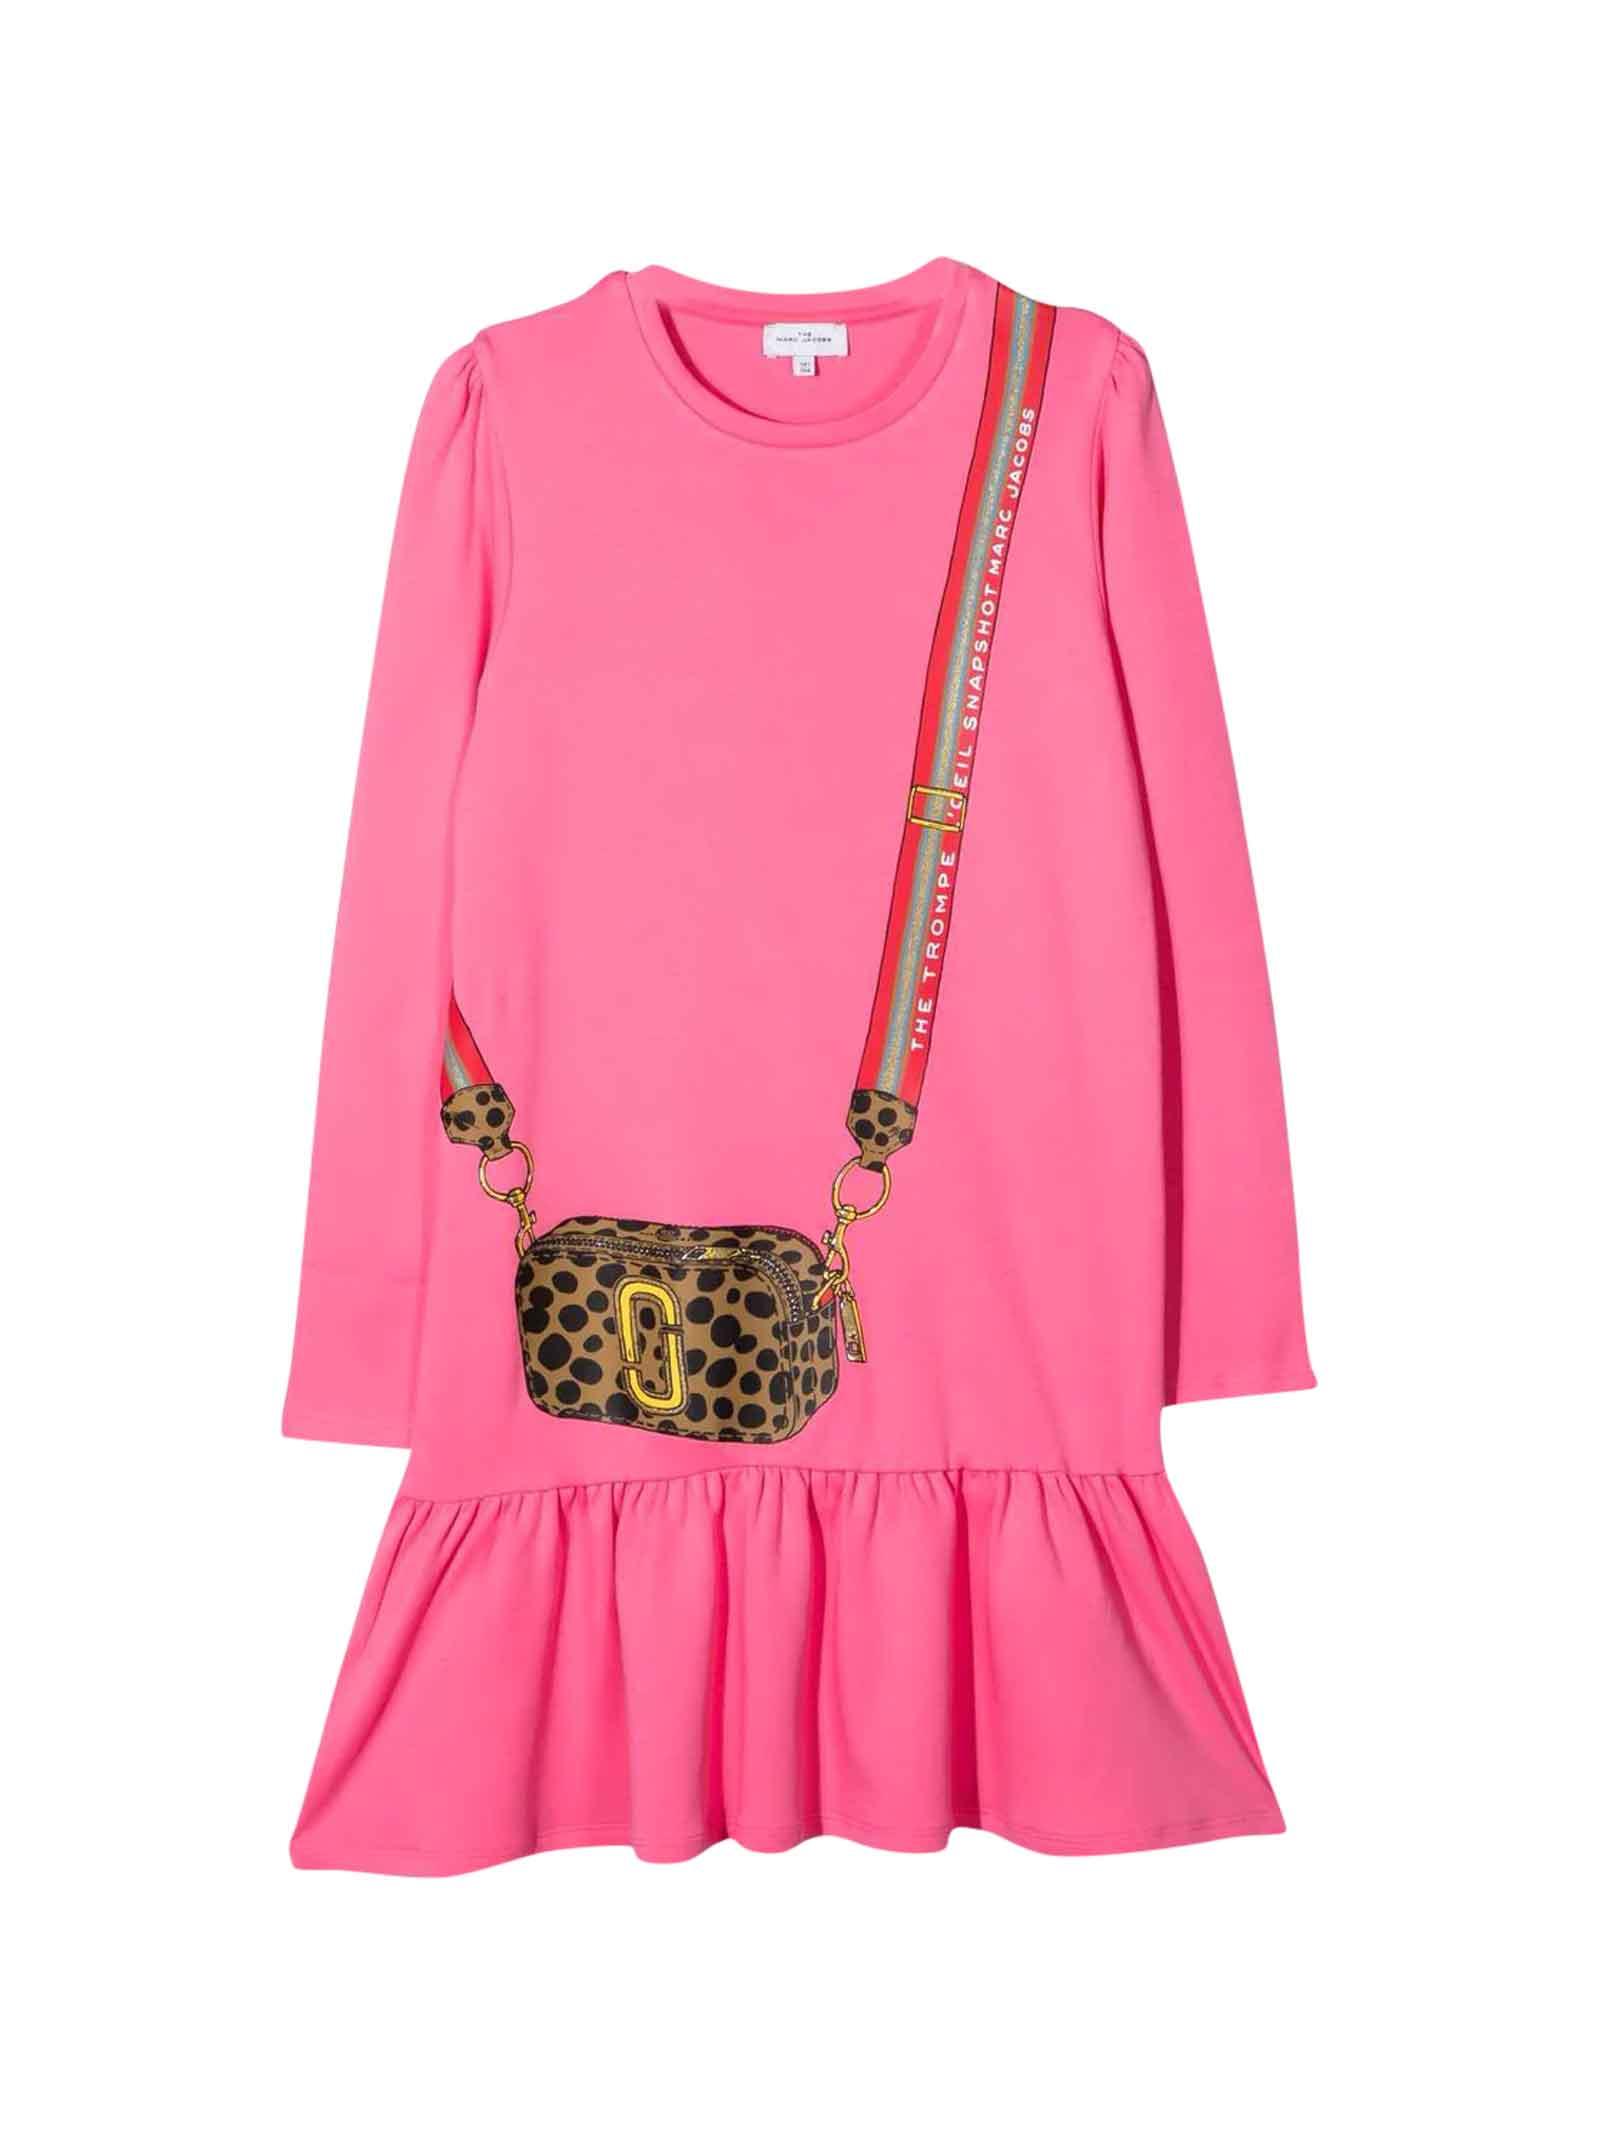 Snapshot Pink Dress